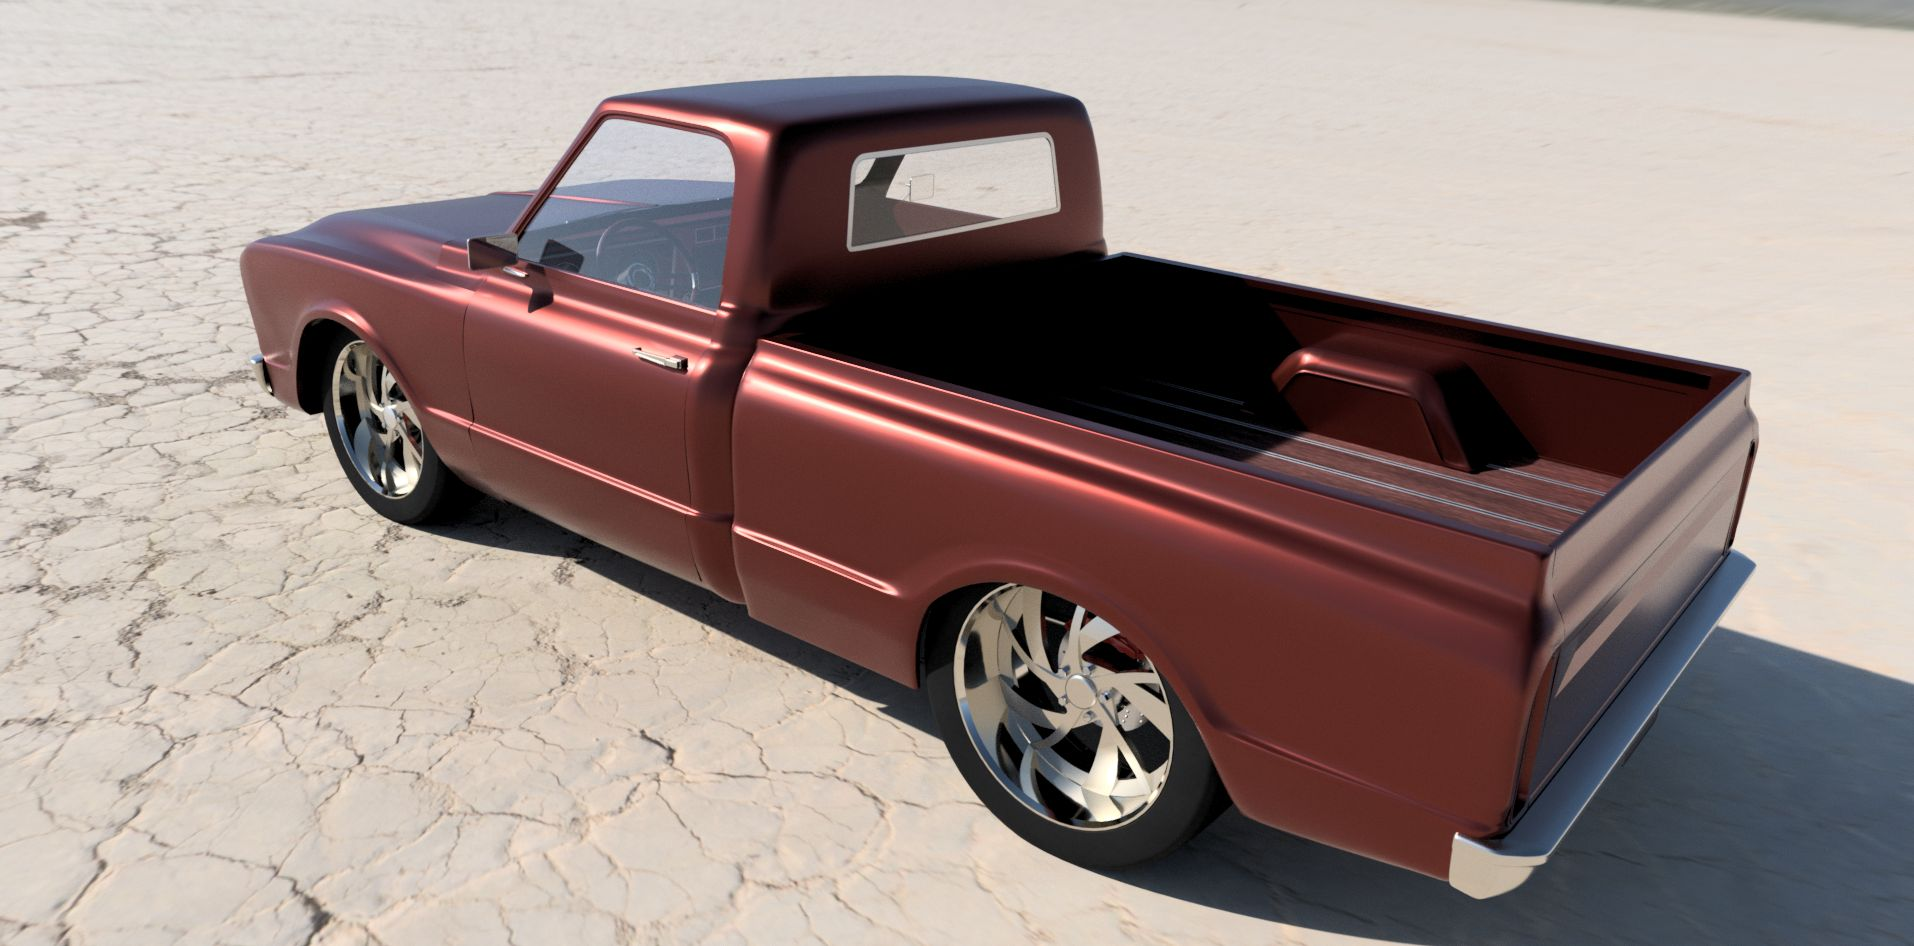 Truck-body5-v28-3-3500-3500